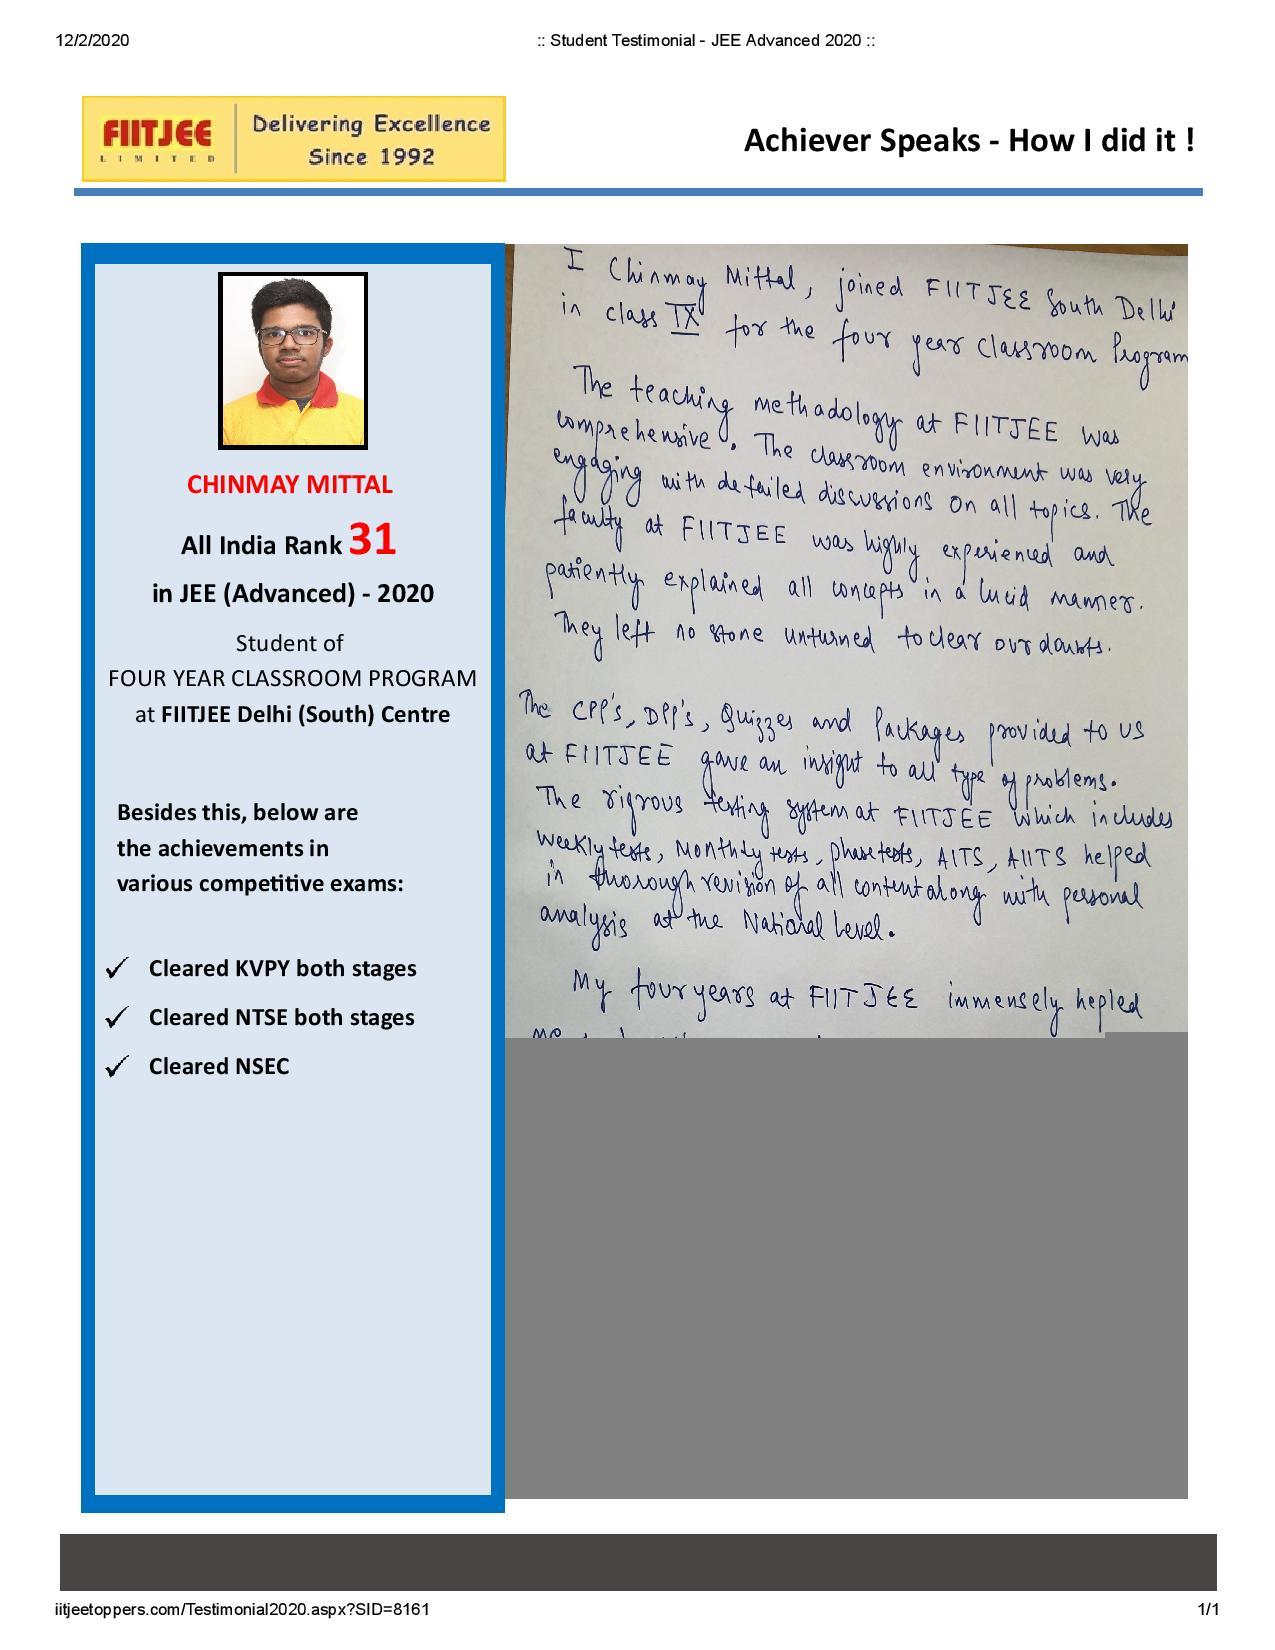 Chinmay Mittal